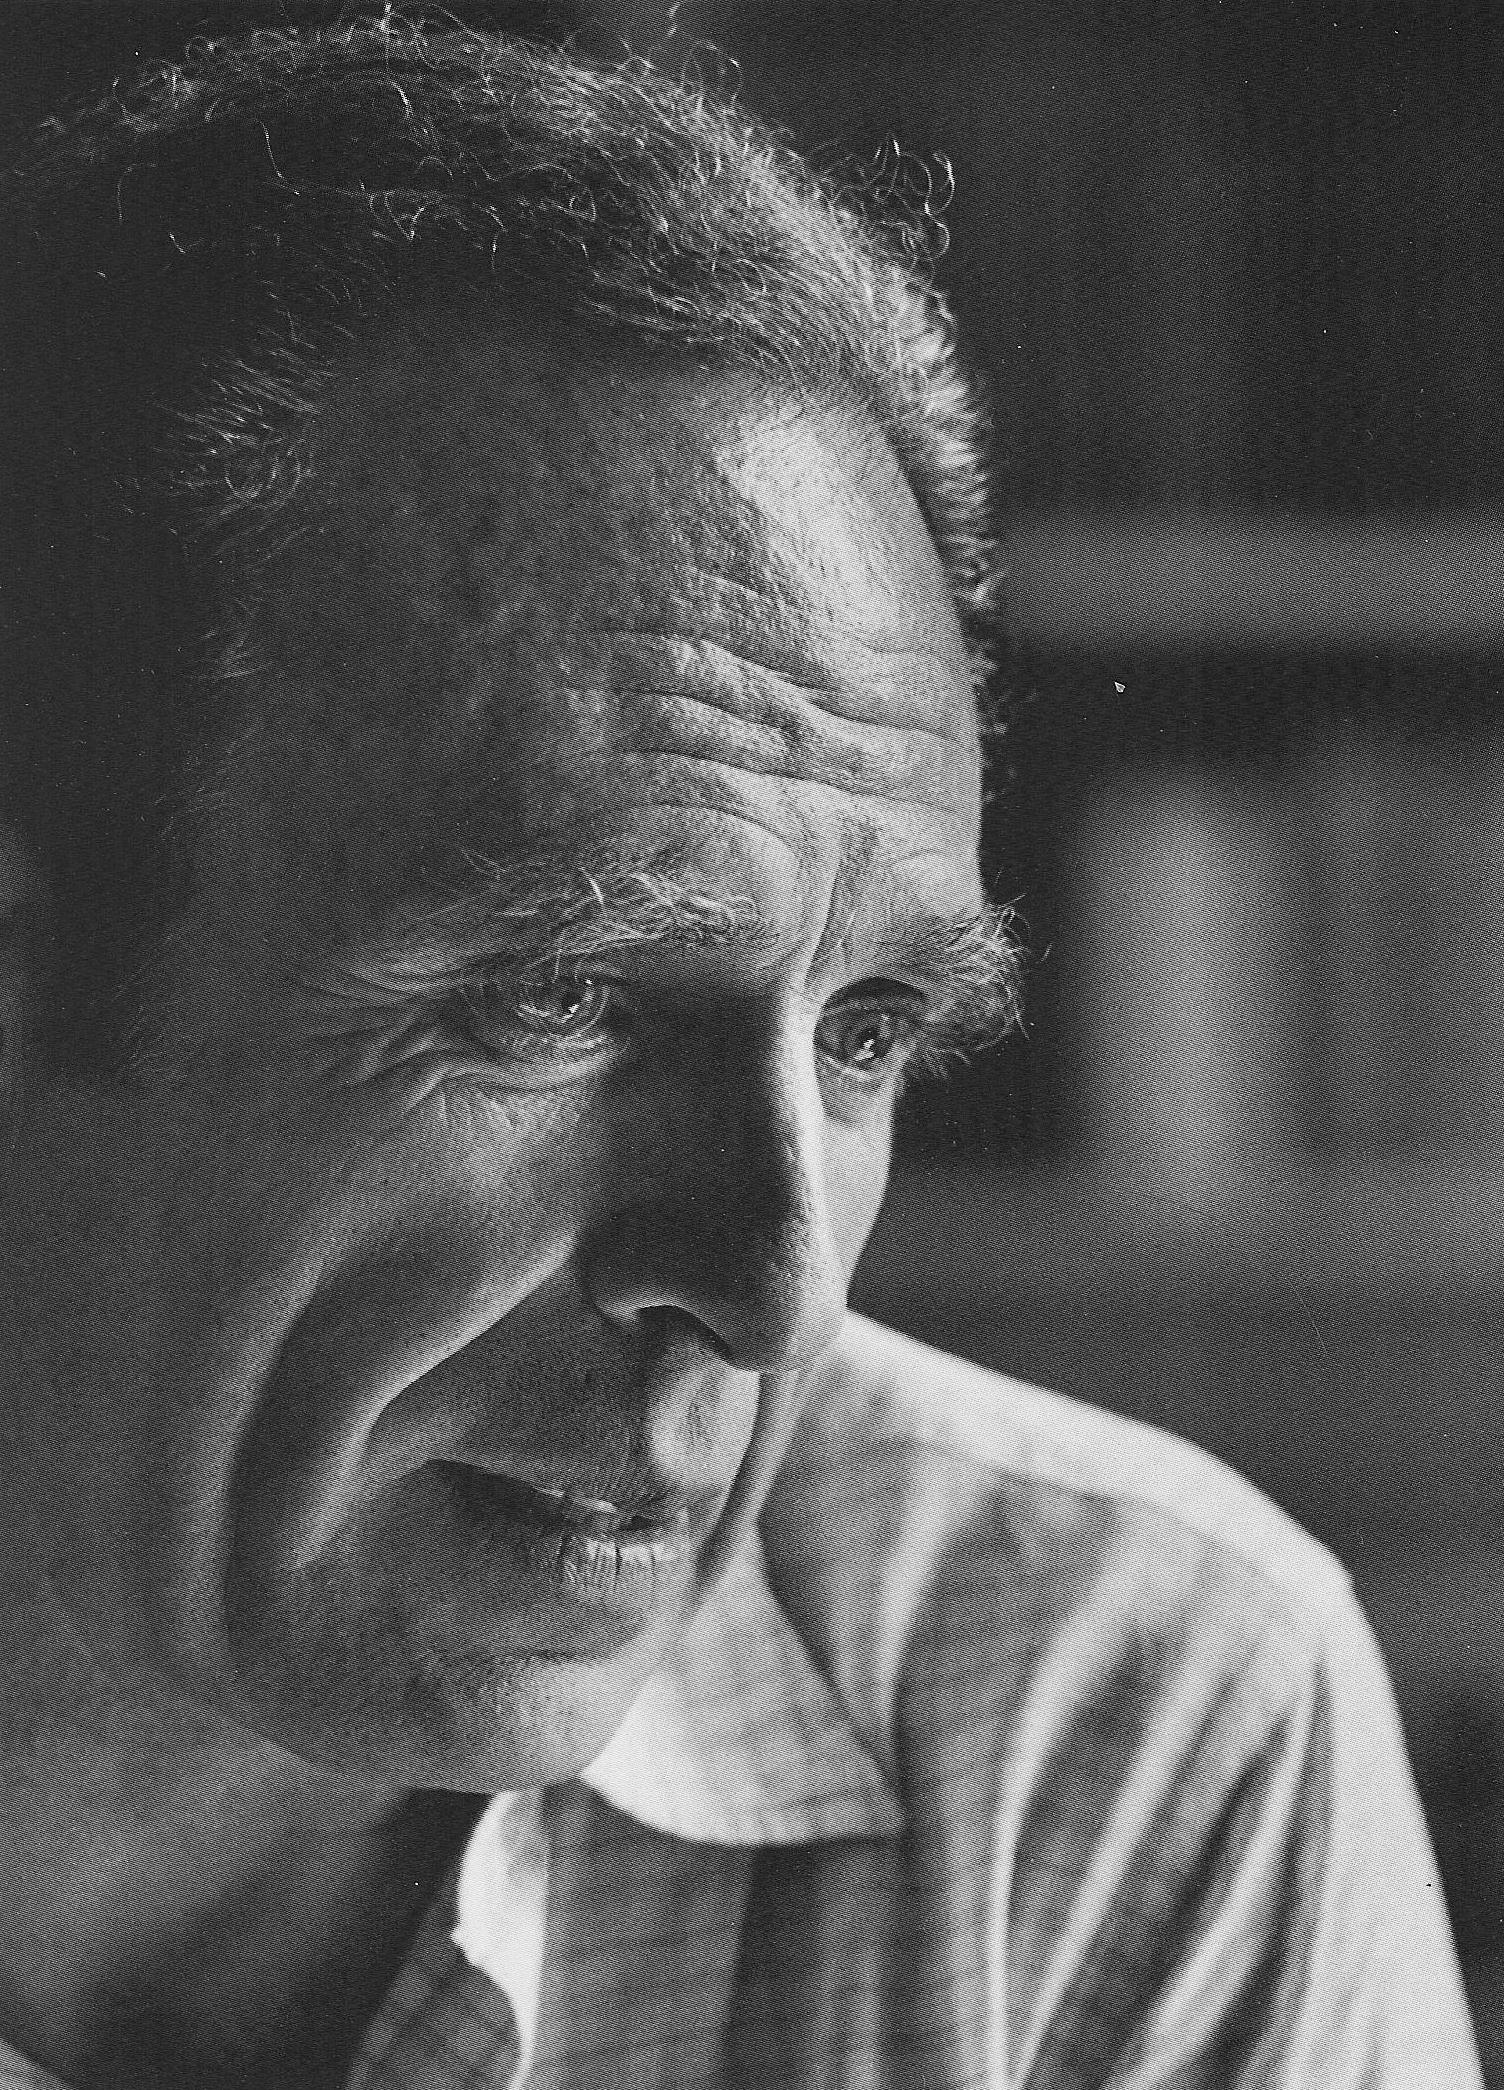 Bioy Casares in 1968